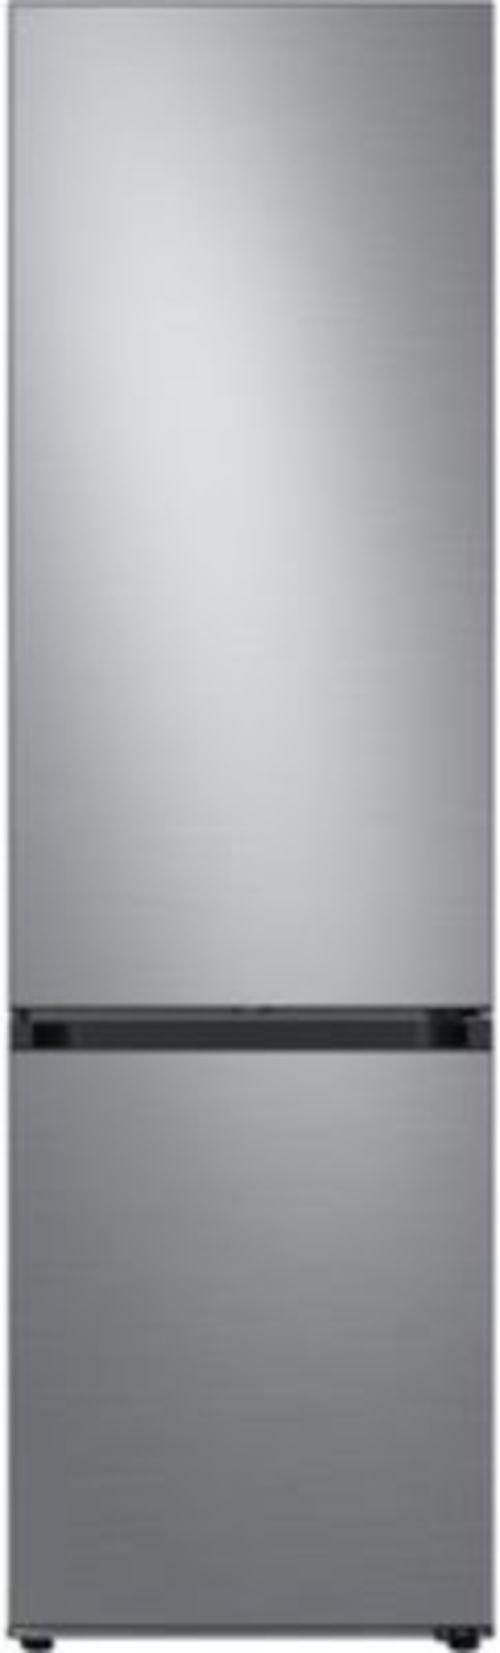 Réfrigérateurs congélateurs (combinés et 2 portes) - Samsung RB38A7B6AS9